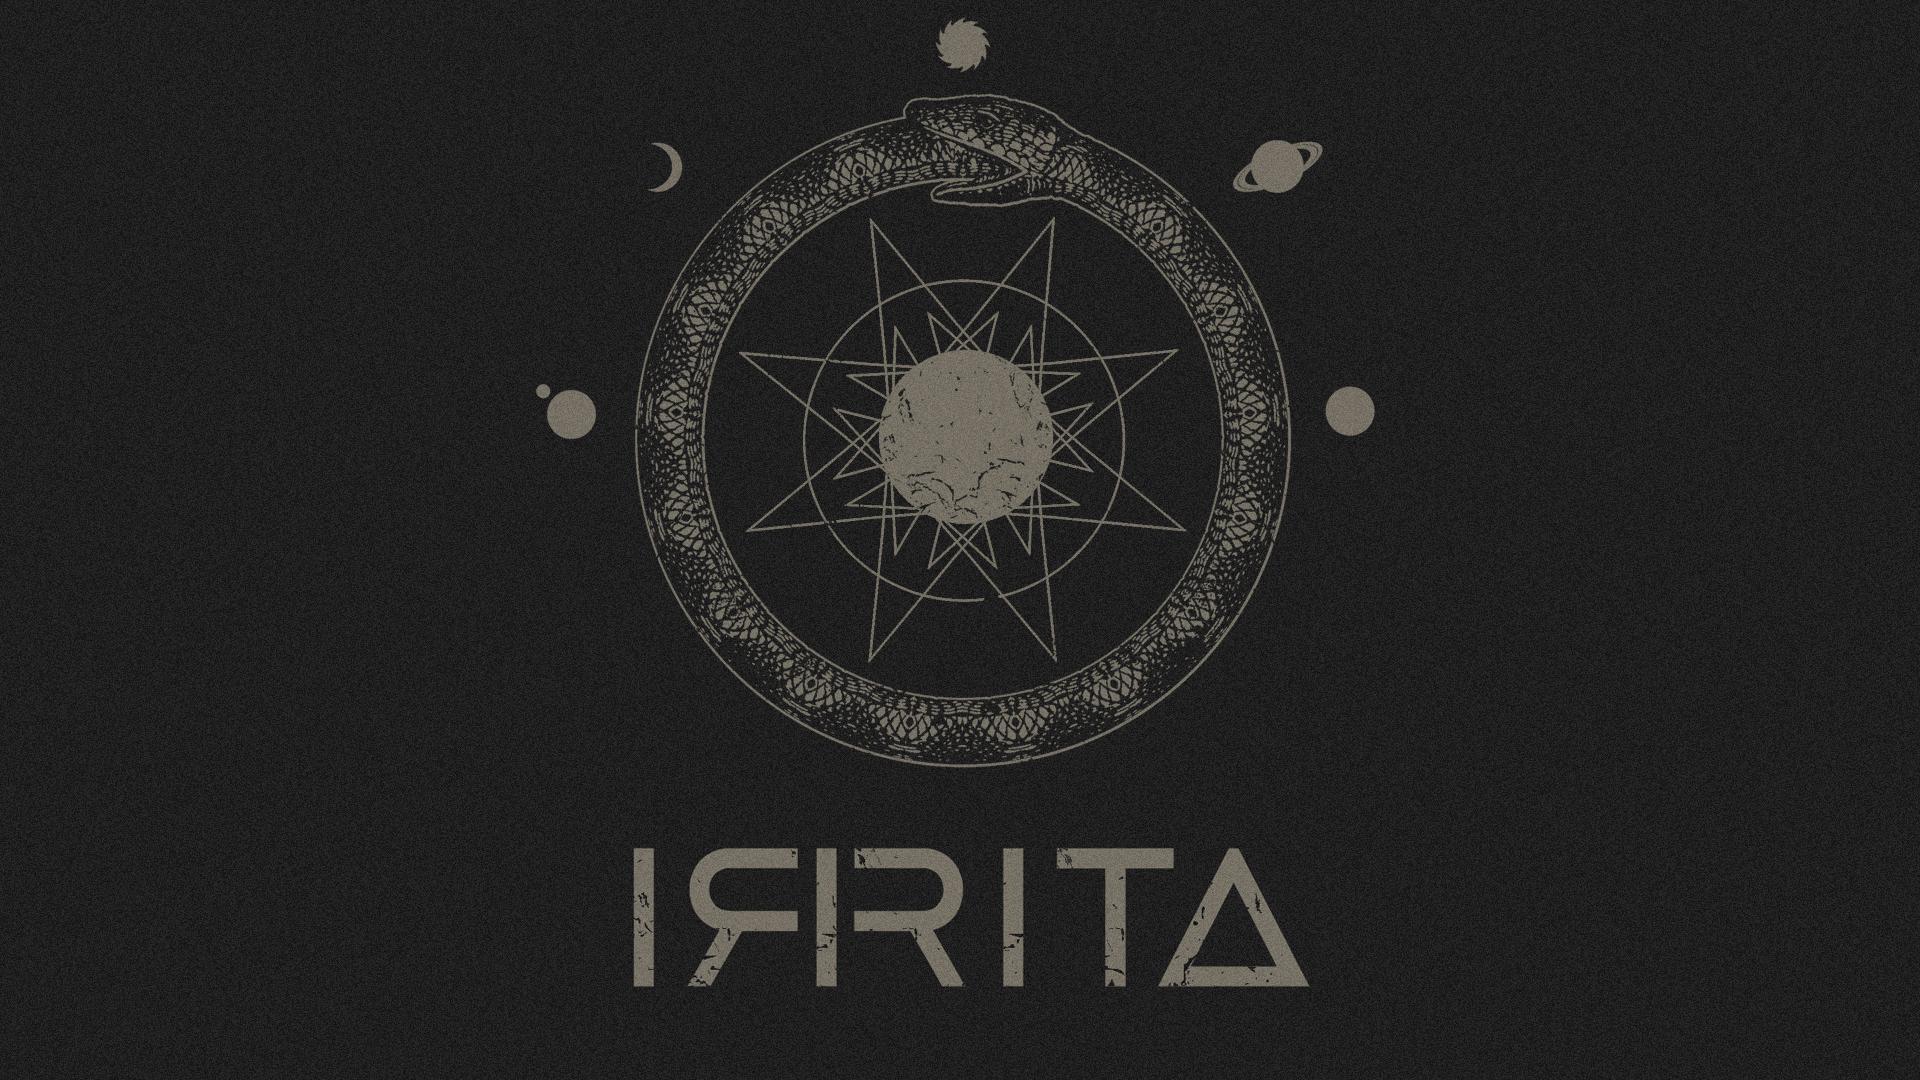 Irrita